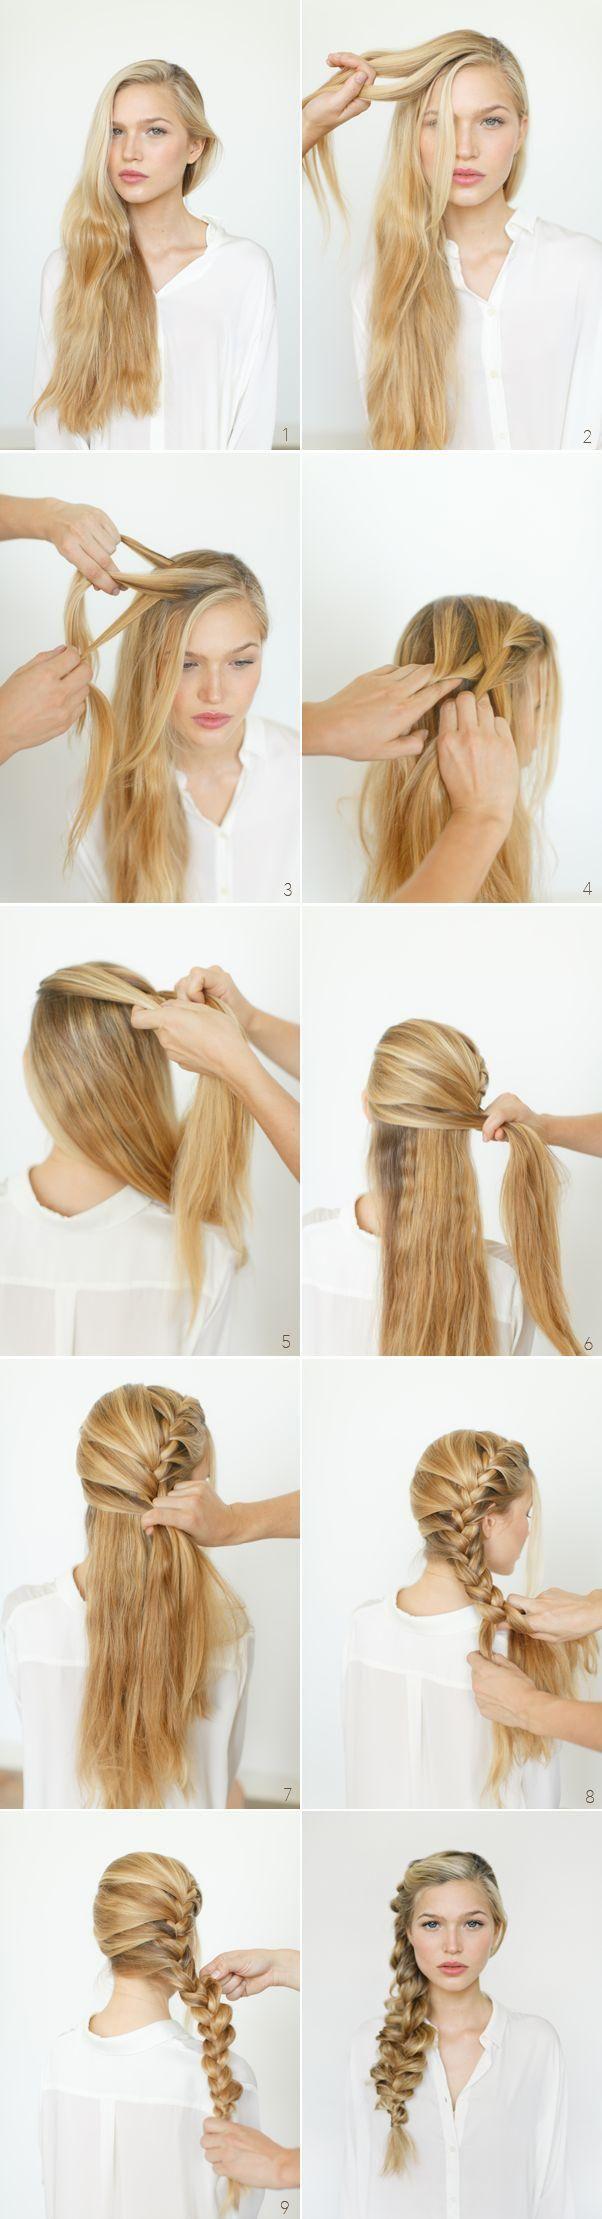 side braid, so pretty